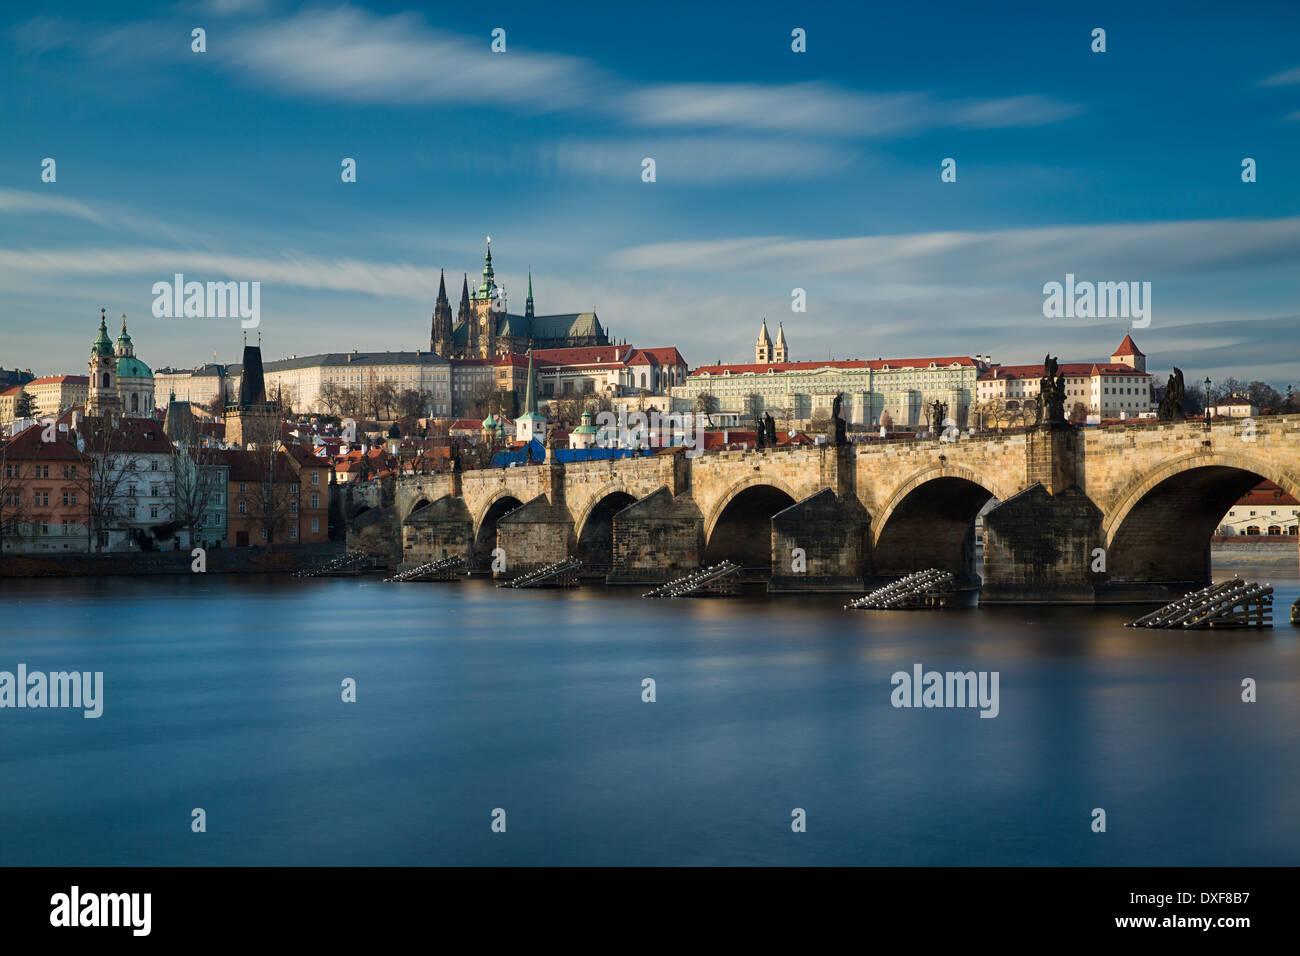 das Budaer Burgviertel, St.-Veits-Dom und die Karlsbrücke über die Moldau, Prag, Tschechische Republik Stockbild